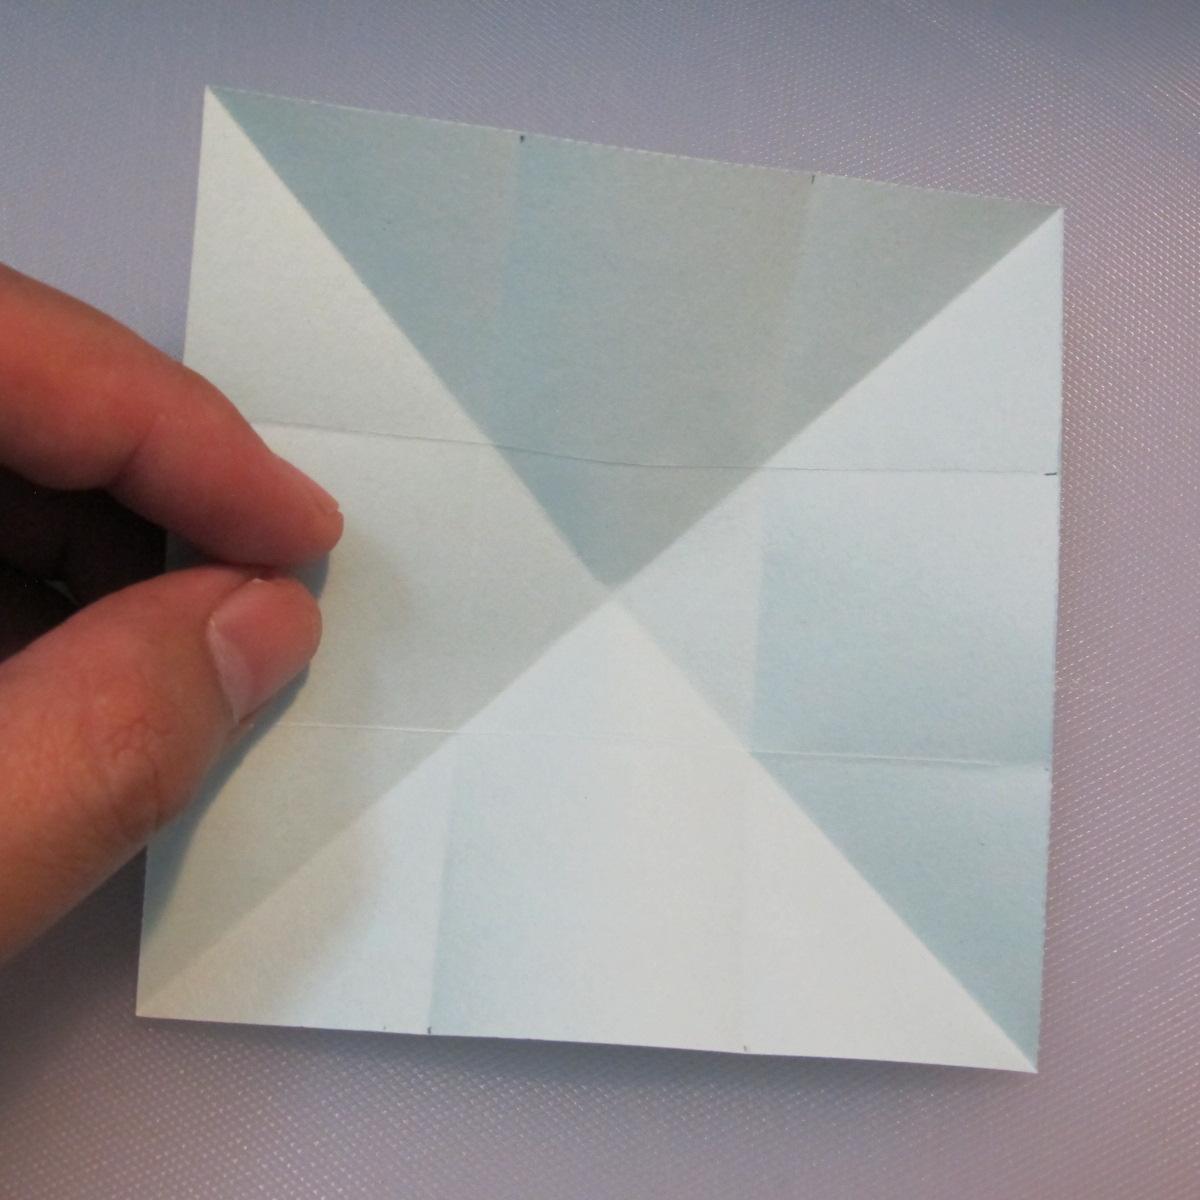 การพับกระดาษรูปดาวกระจาย (Star Origami – スターの折り紙) 002